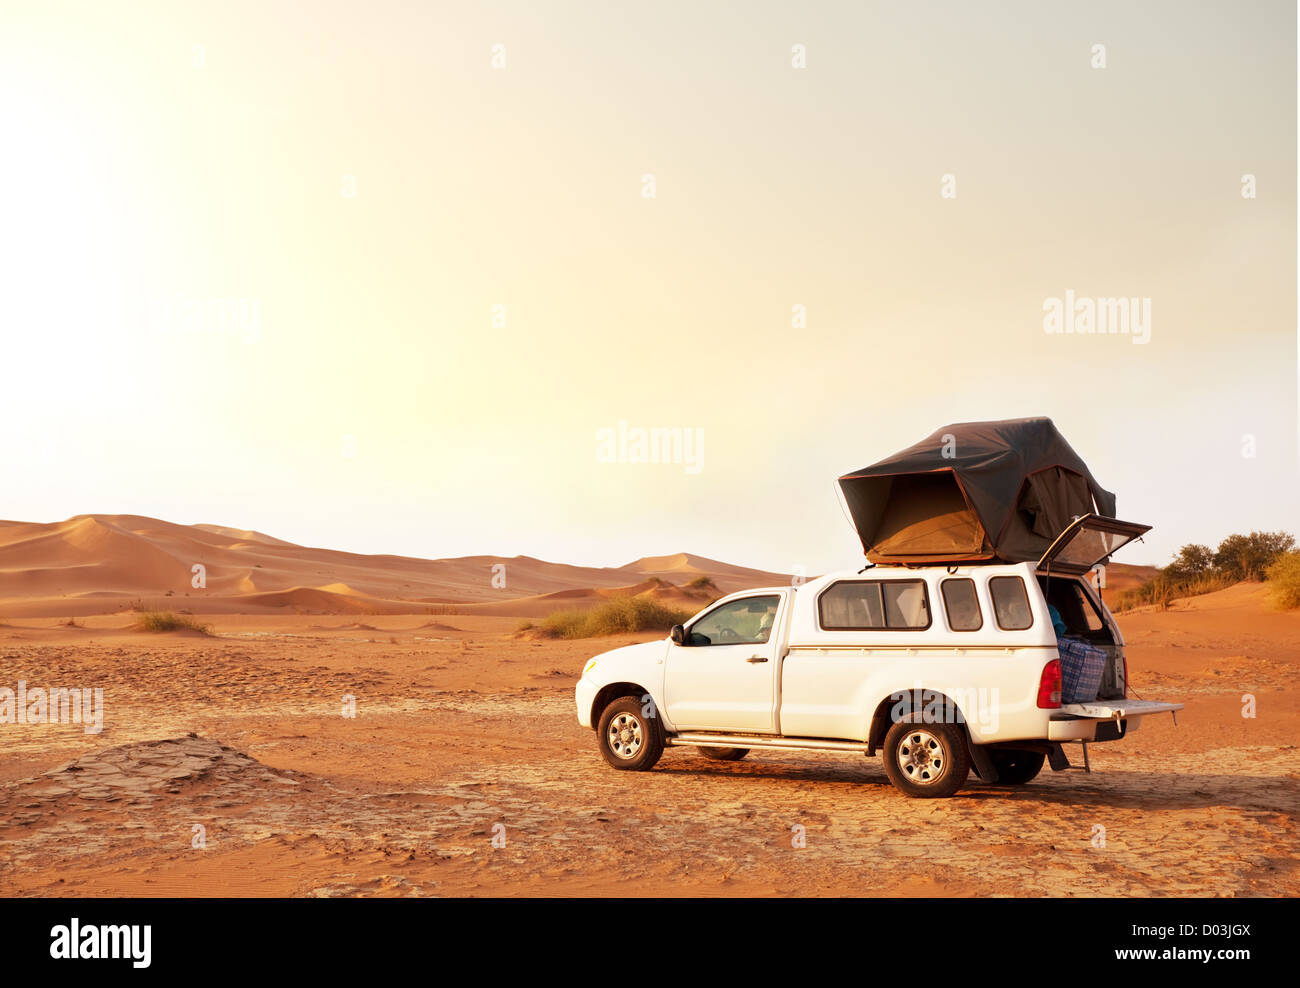 Campamento en expedición Imagen De Stock